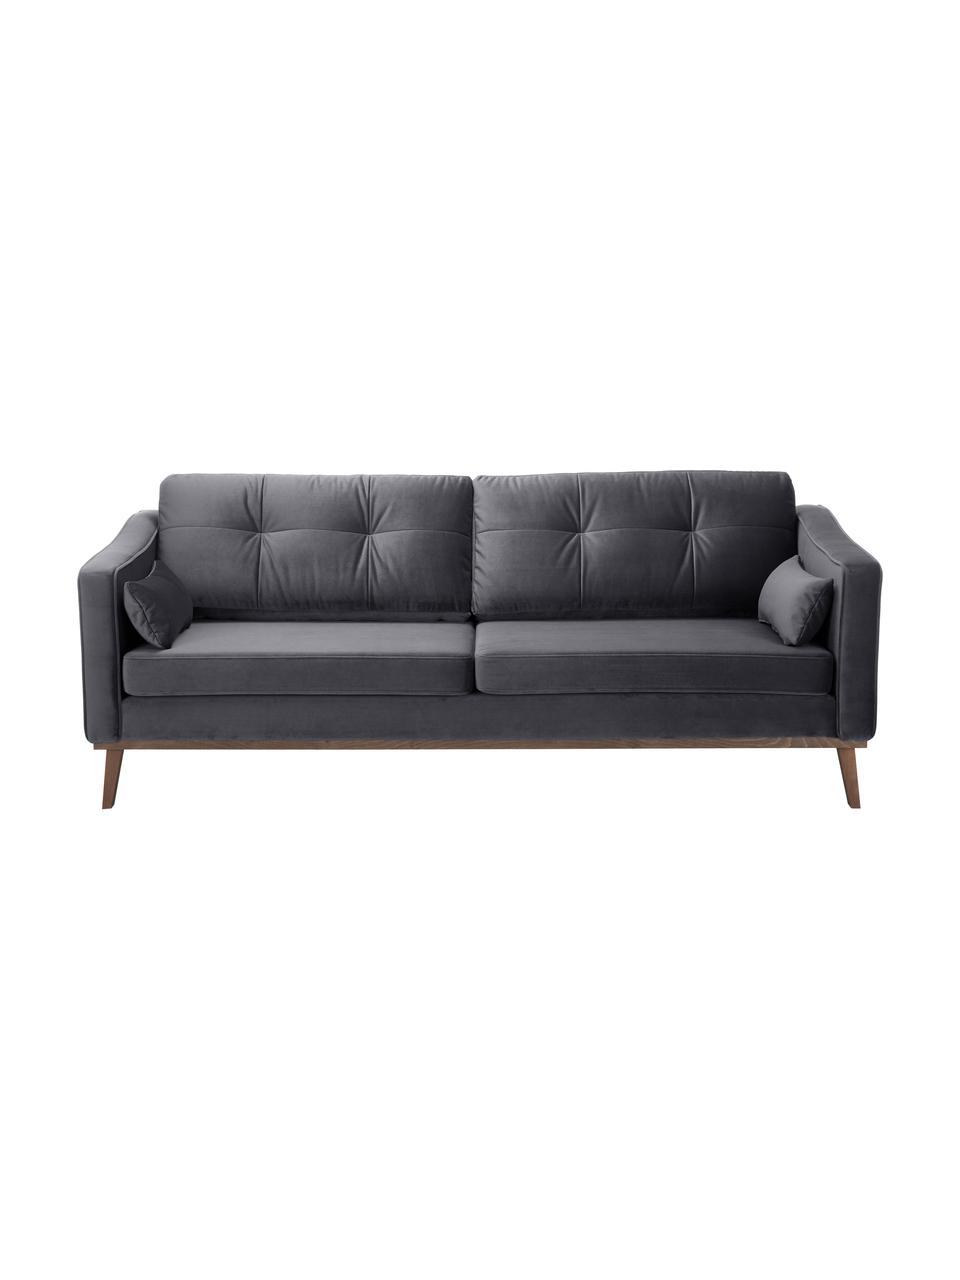 Sofa z aksamitu z nogami z drewna bukowego Alva (3-osobowa), Tapicerka: aksamit (wysokiej jakości, Nogi: lite drewno bukowe, barwi, Aksamitny ciemny szary, S 215 x G 92 cm